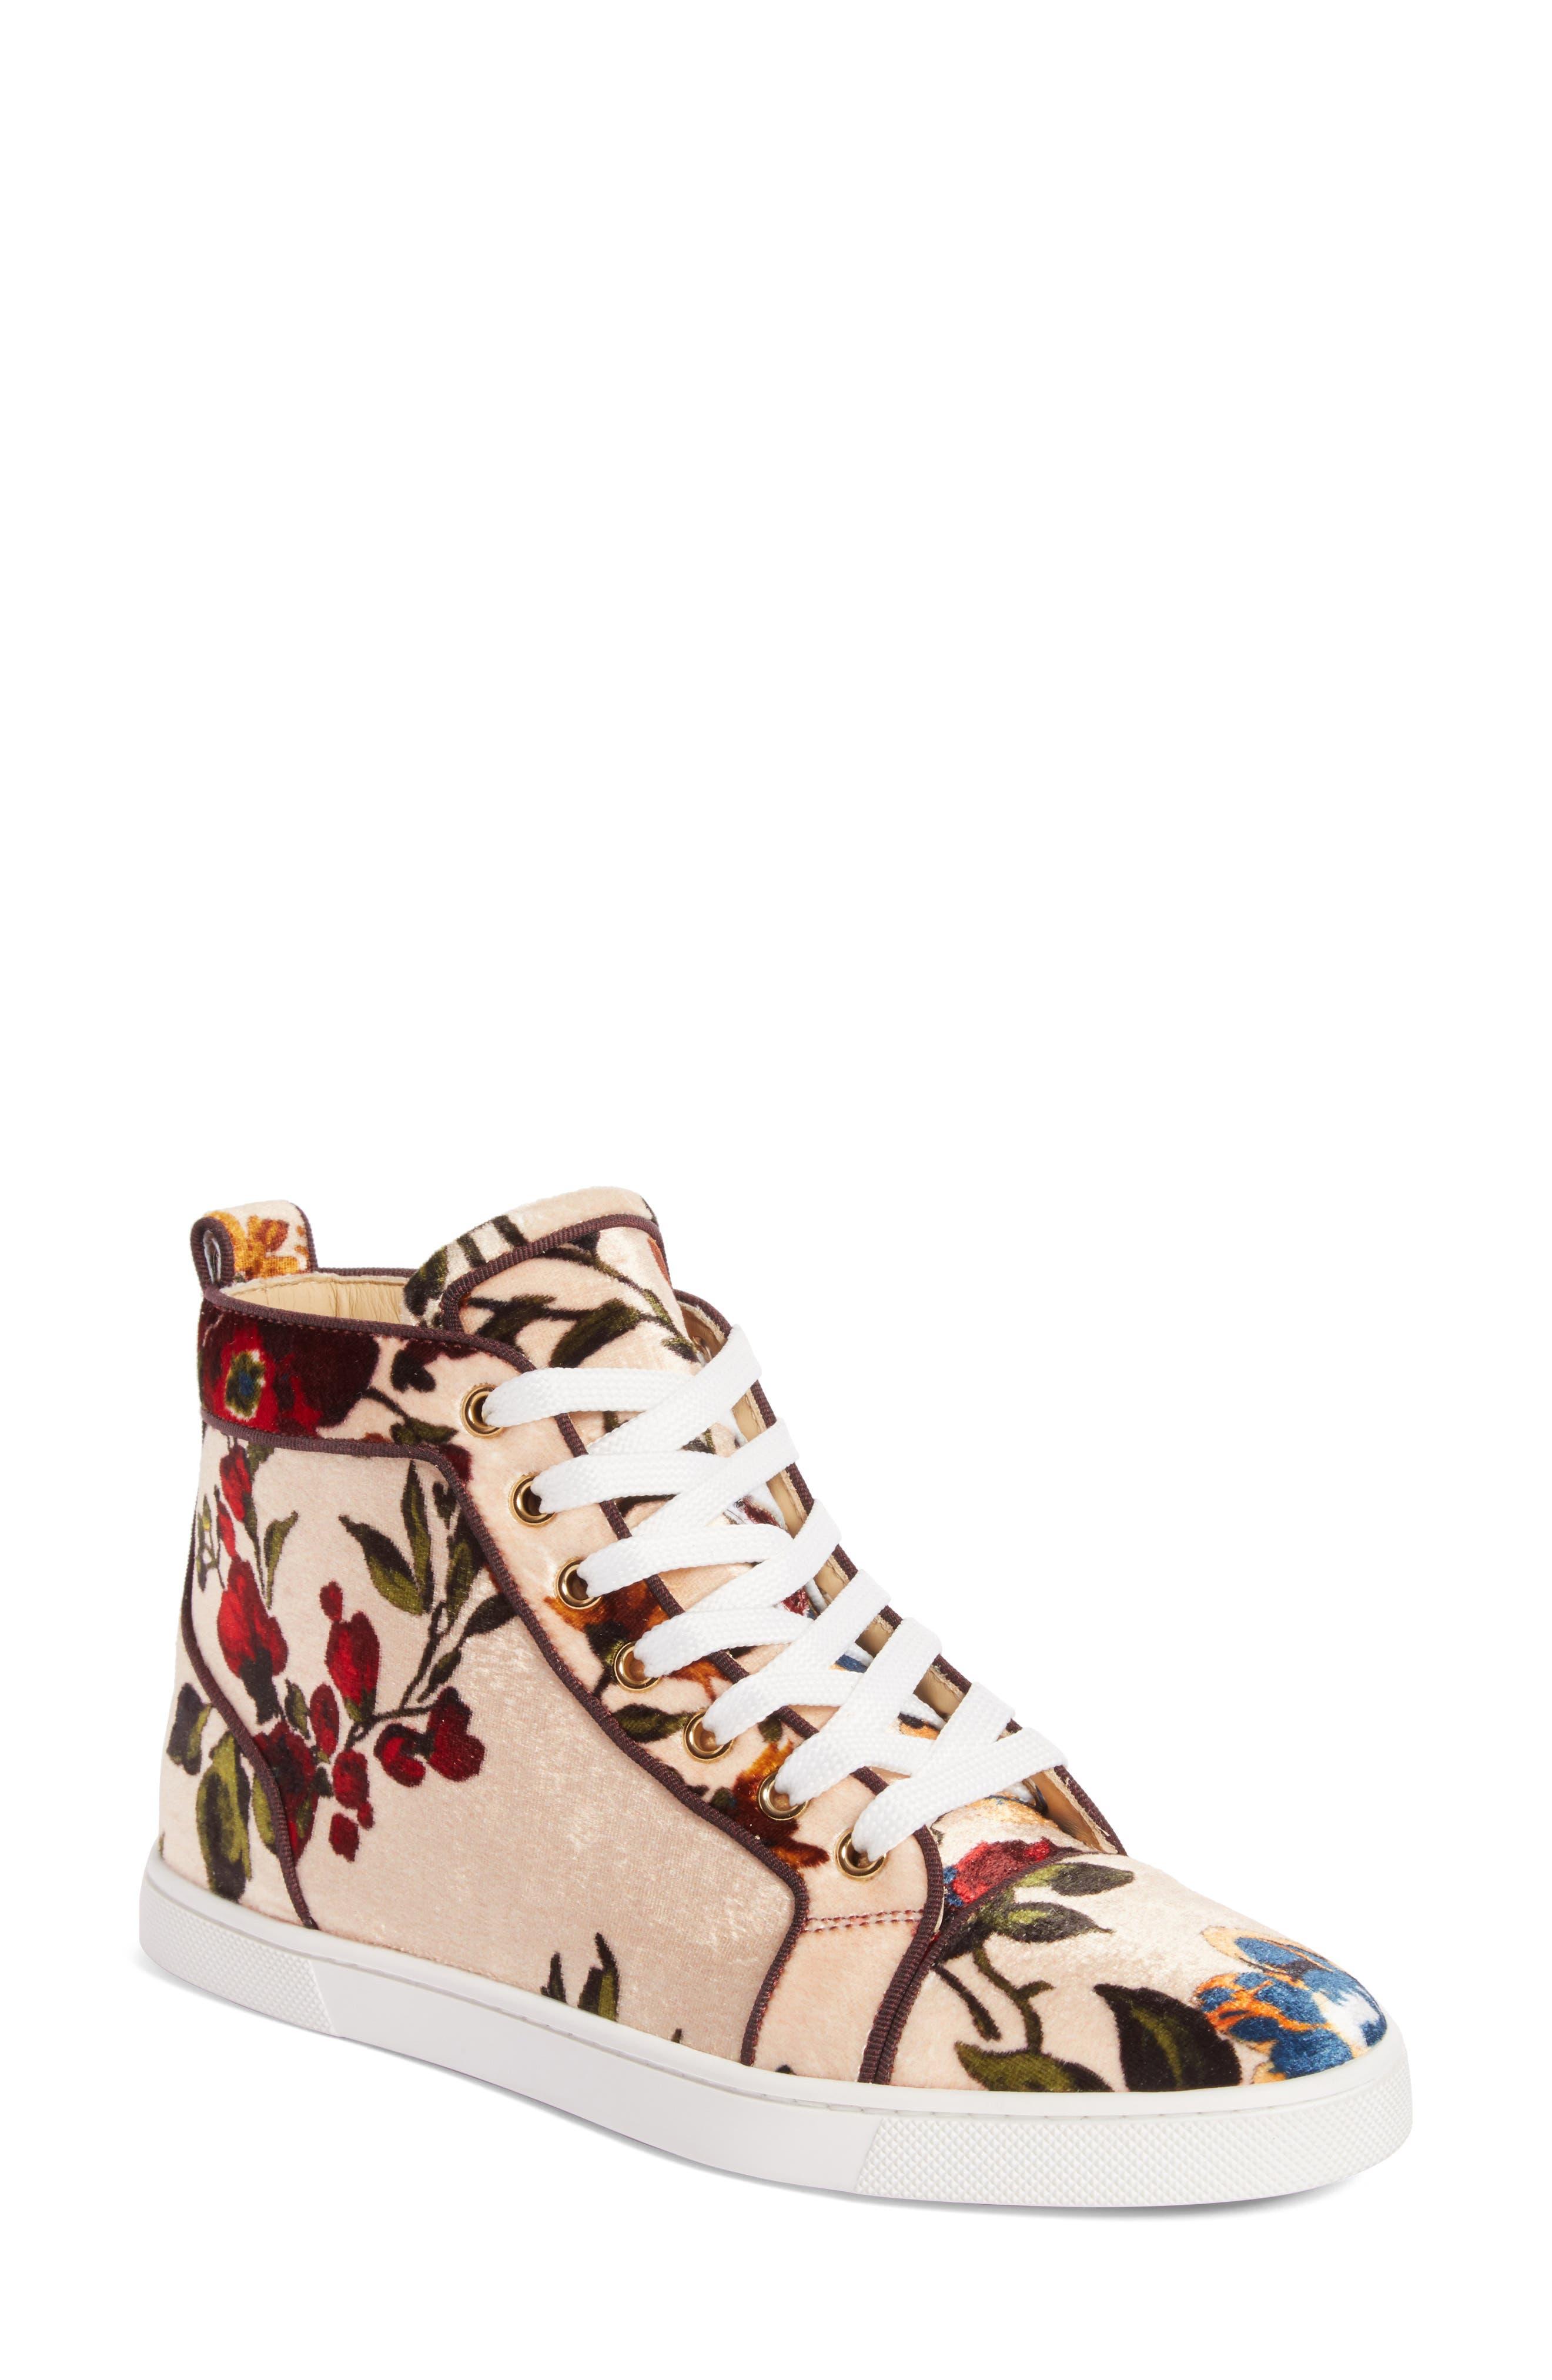 Bip Bip Floral Sneaker,                             Main thumbnail 1, color,                             250